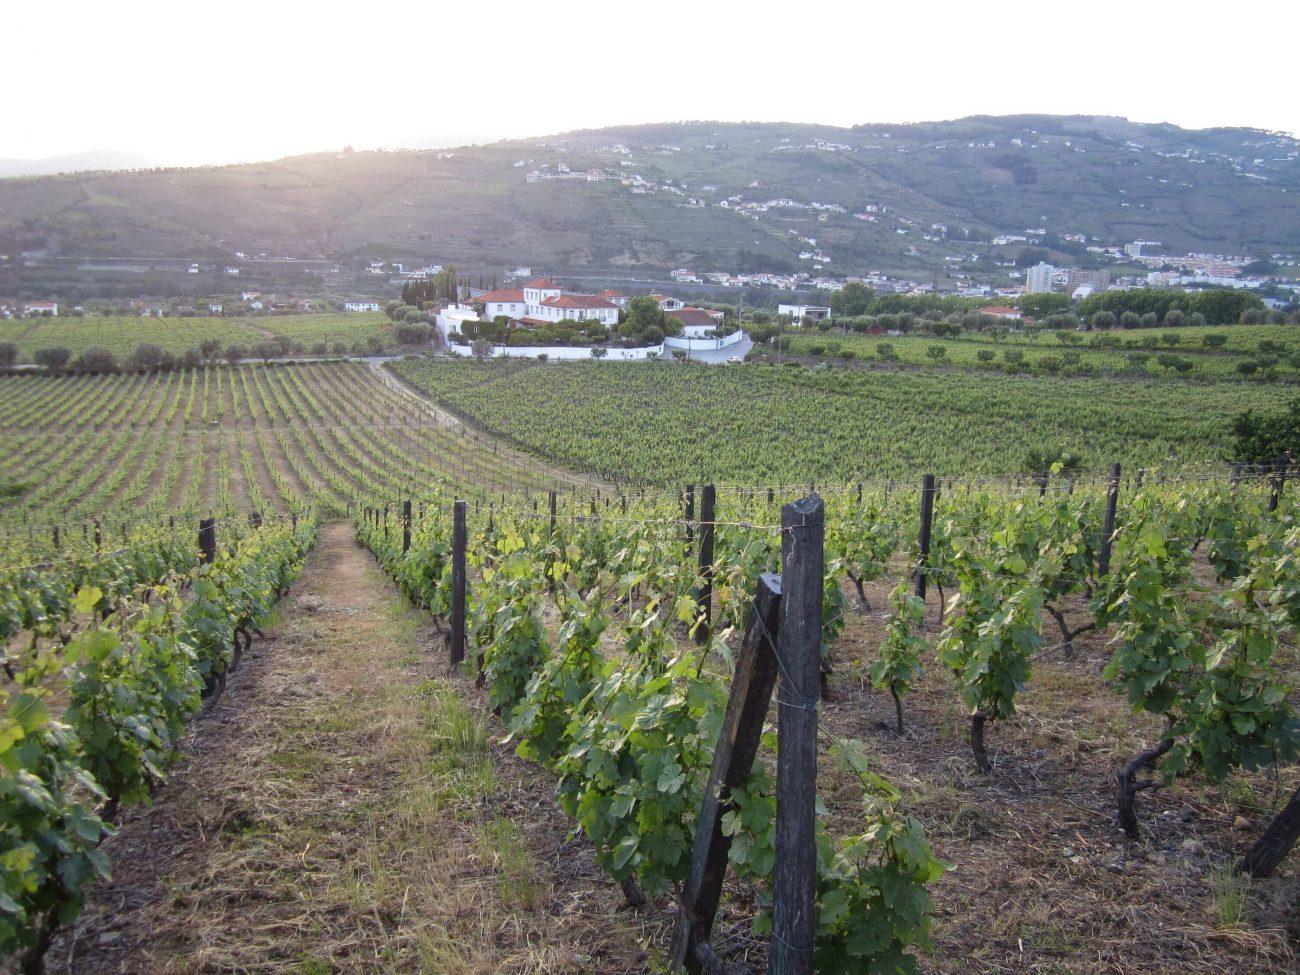 Blick auf das Weingut Quinta de Tourais für ein Weinwochenende